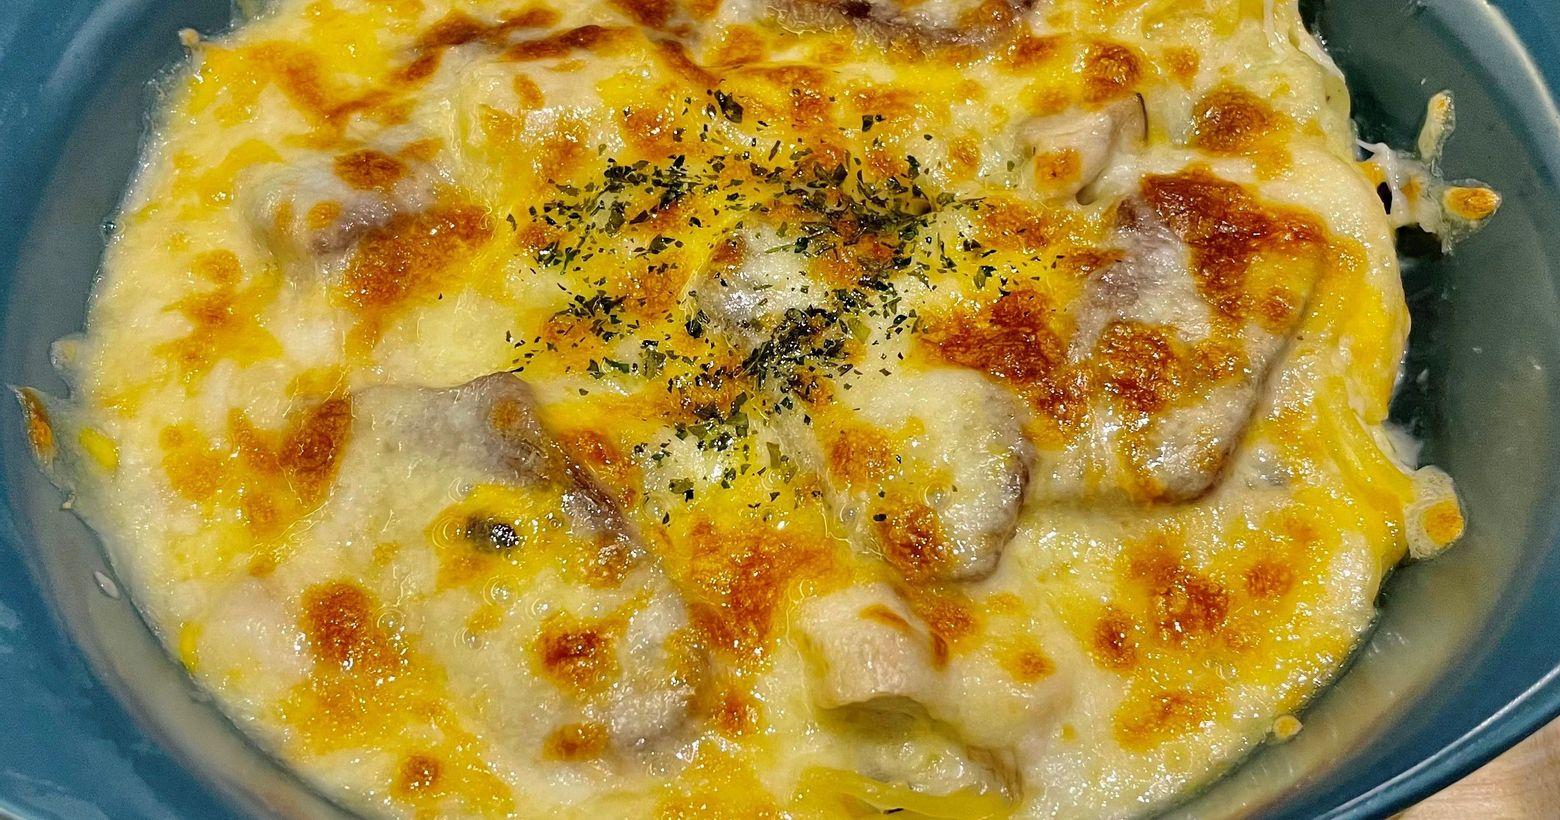 台南義式料理-YO義思餐點:奶香嫩肩牛白醬部分味道沒有很濃郁算是偏中間值牛肉部分就真的是軟嫩好咬的不